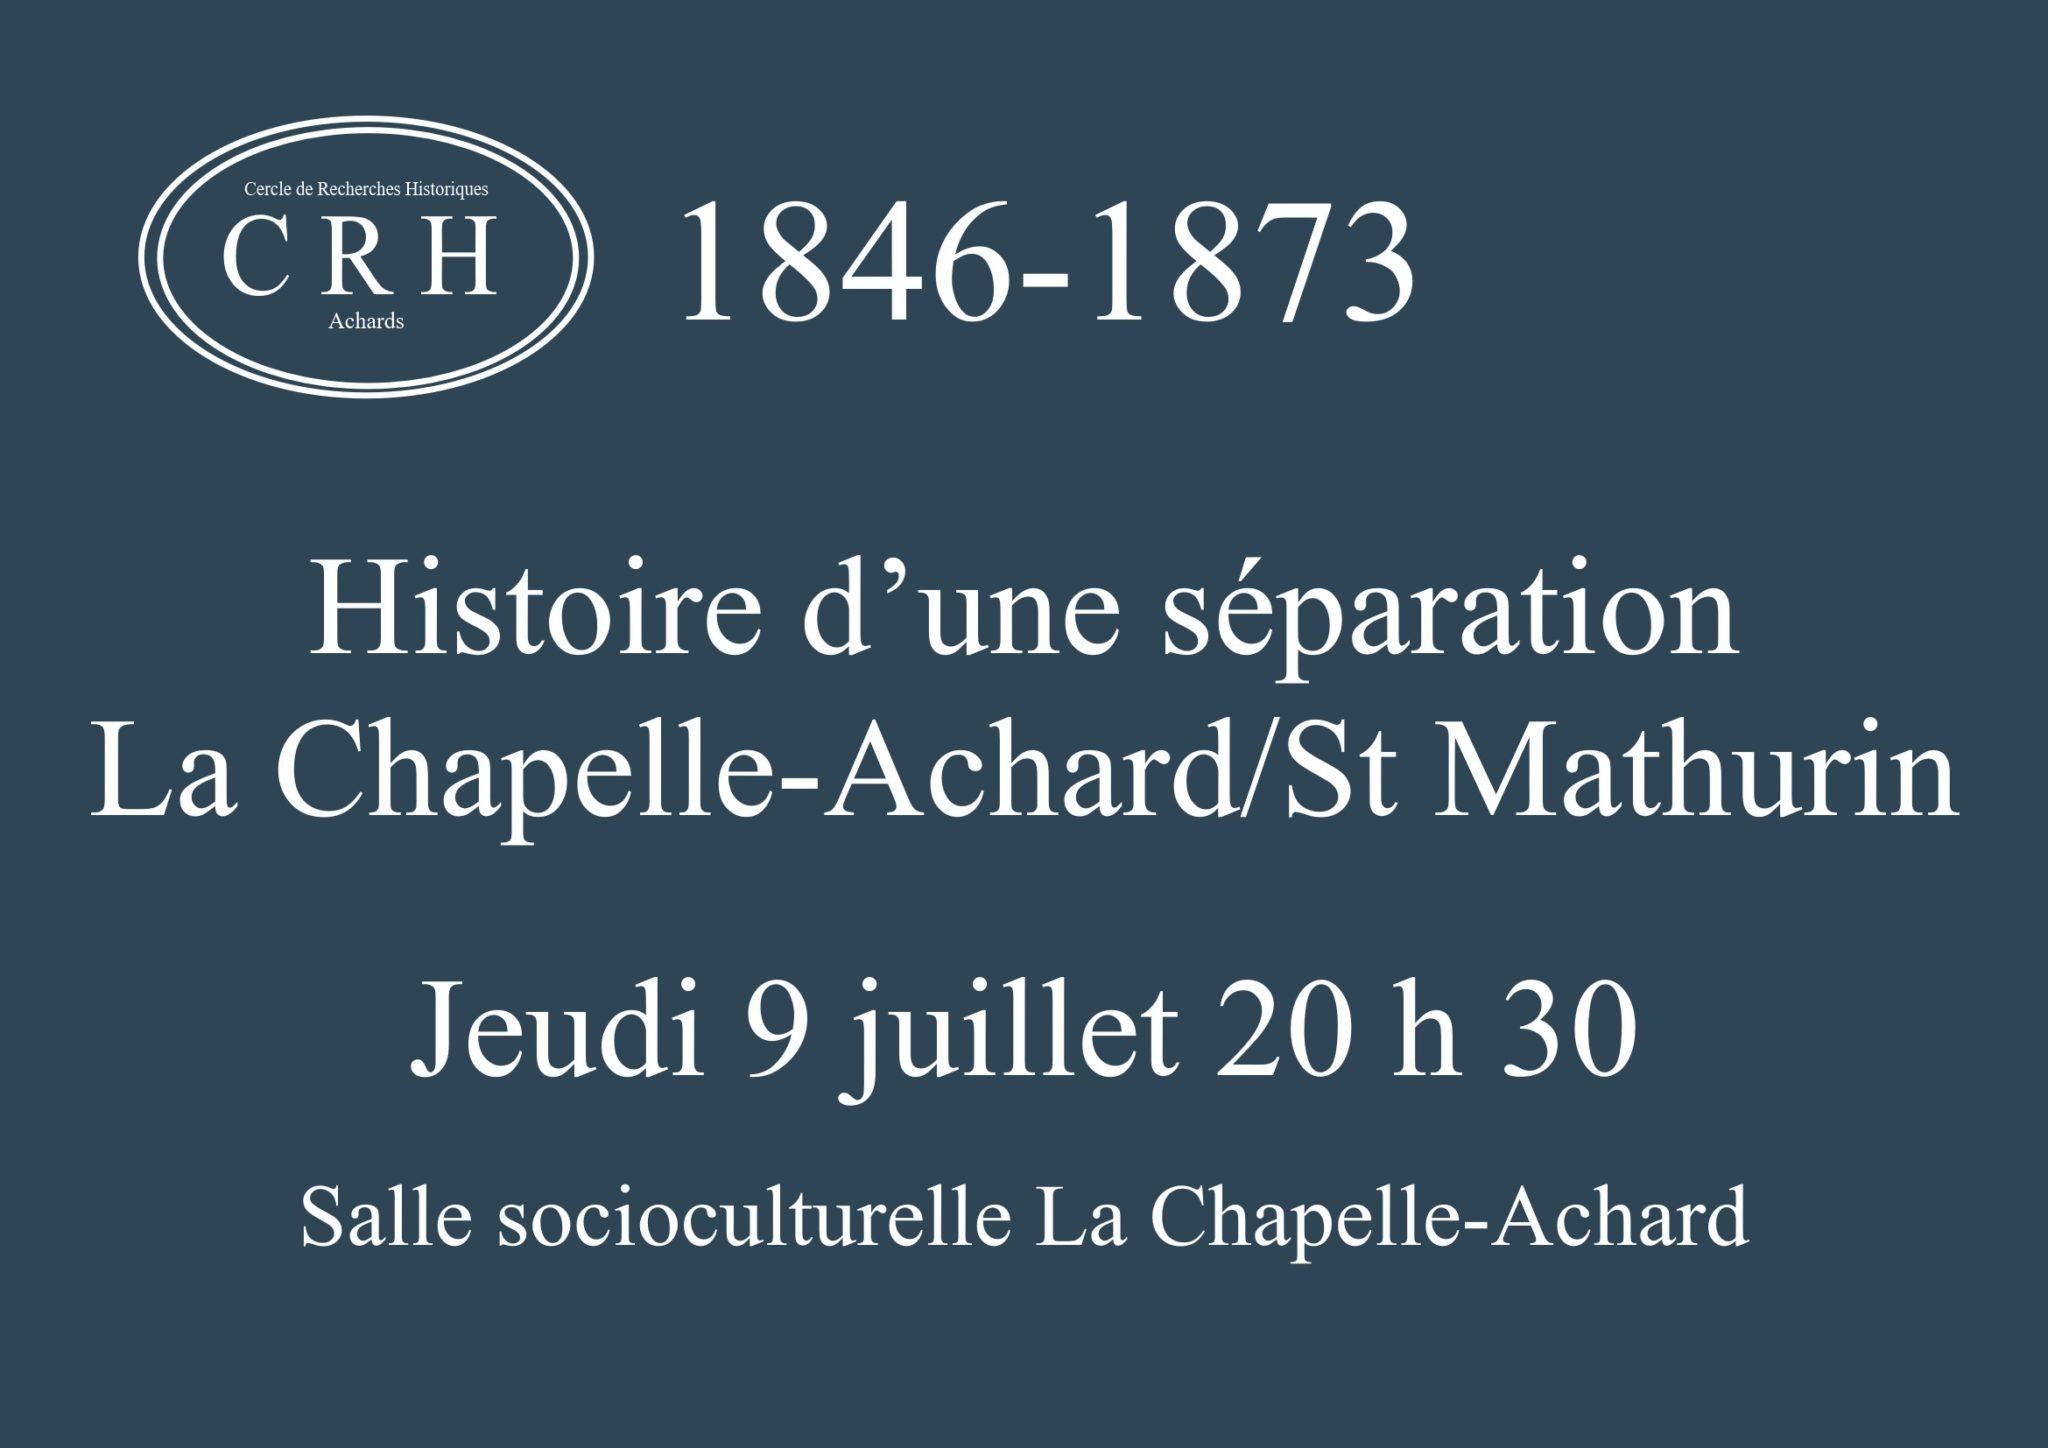 conference-cercle-recherches-historiques